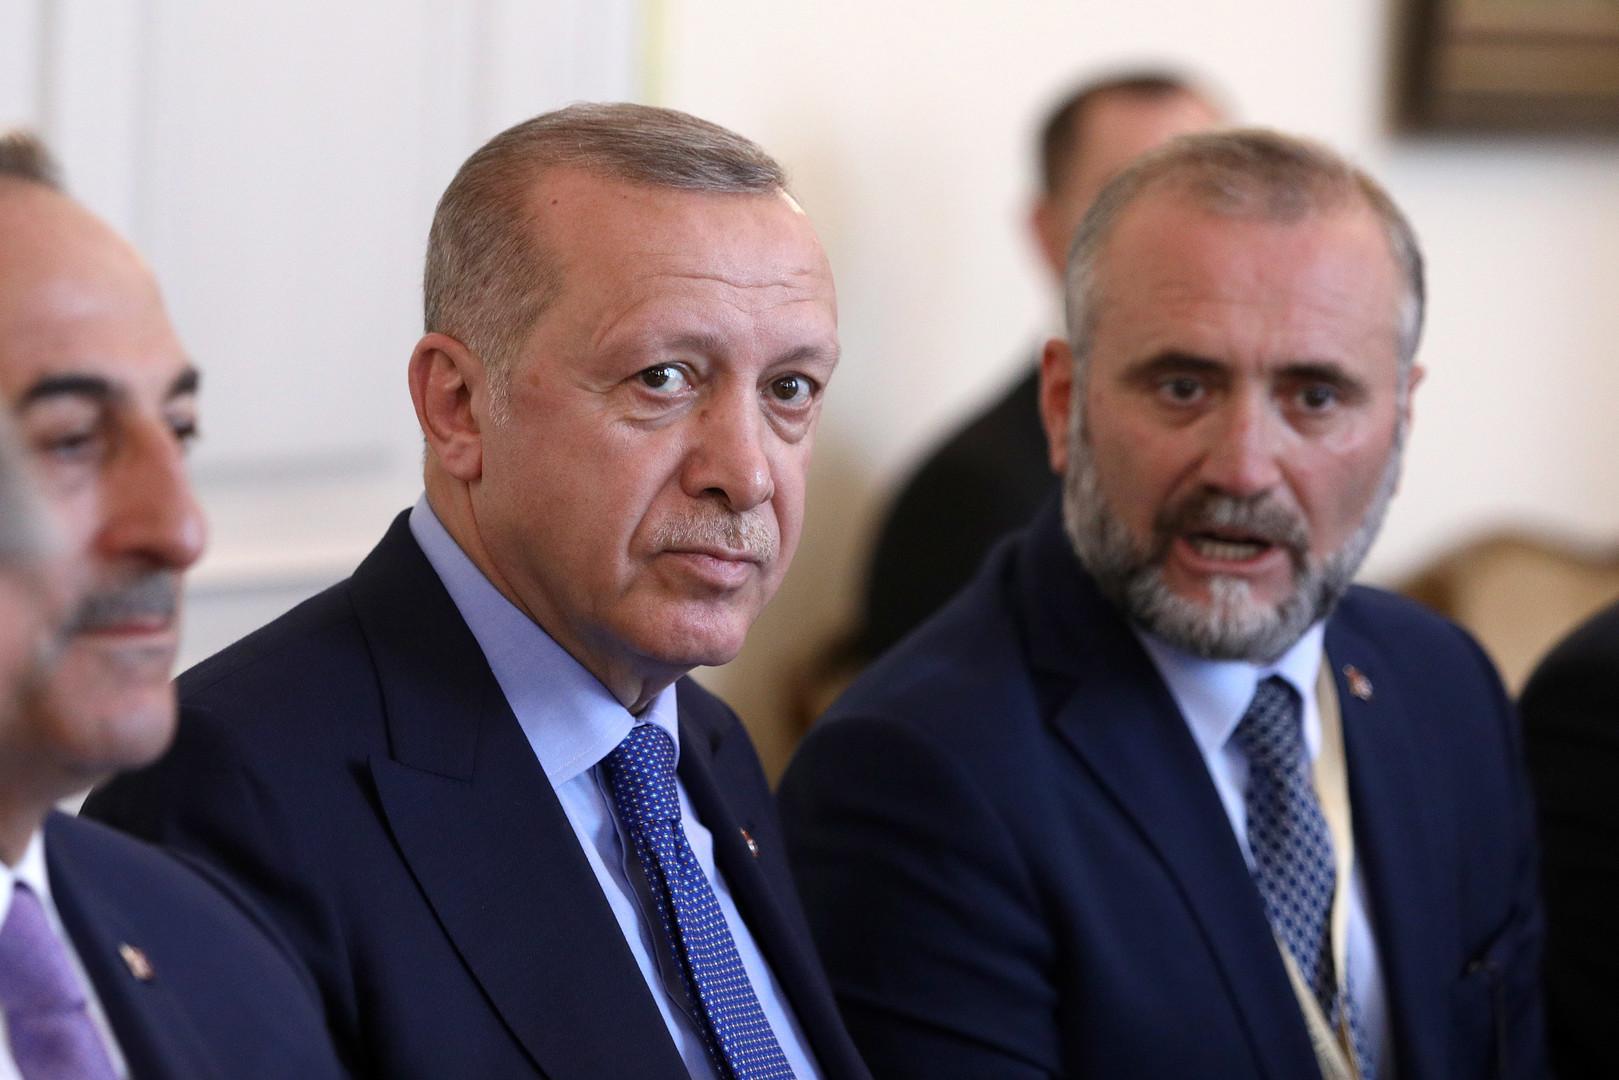 بينّوا لأردوغان البديل: هل تقف الولايات المتحدة وراء المتمردين الثلاثة؟